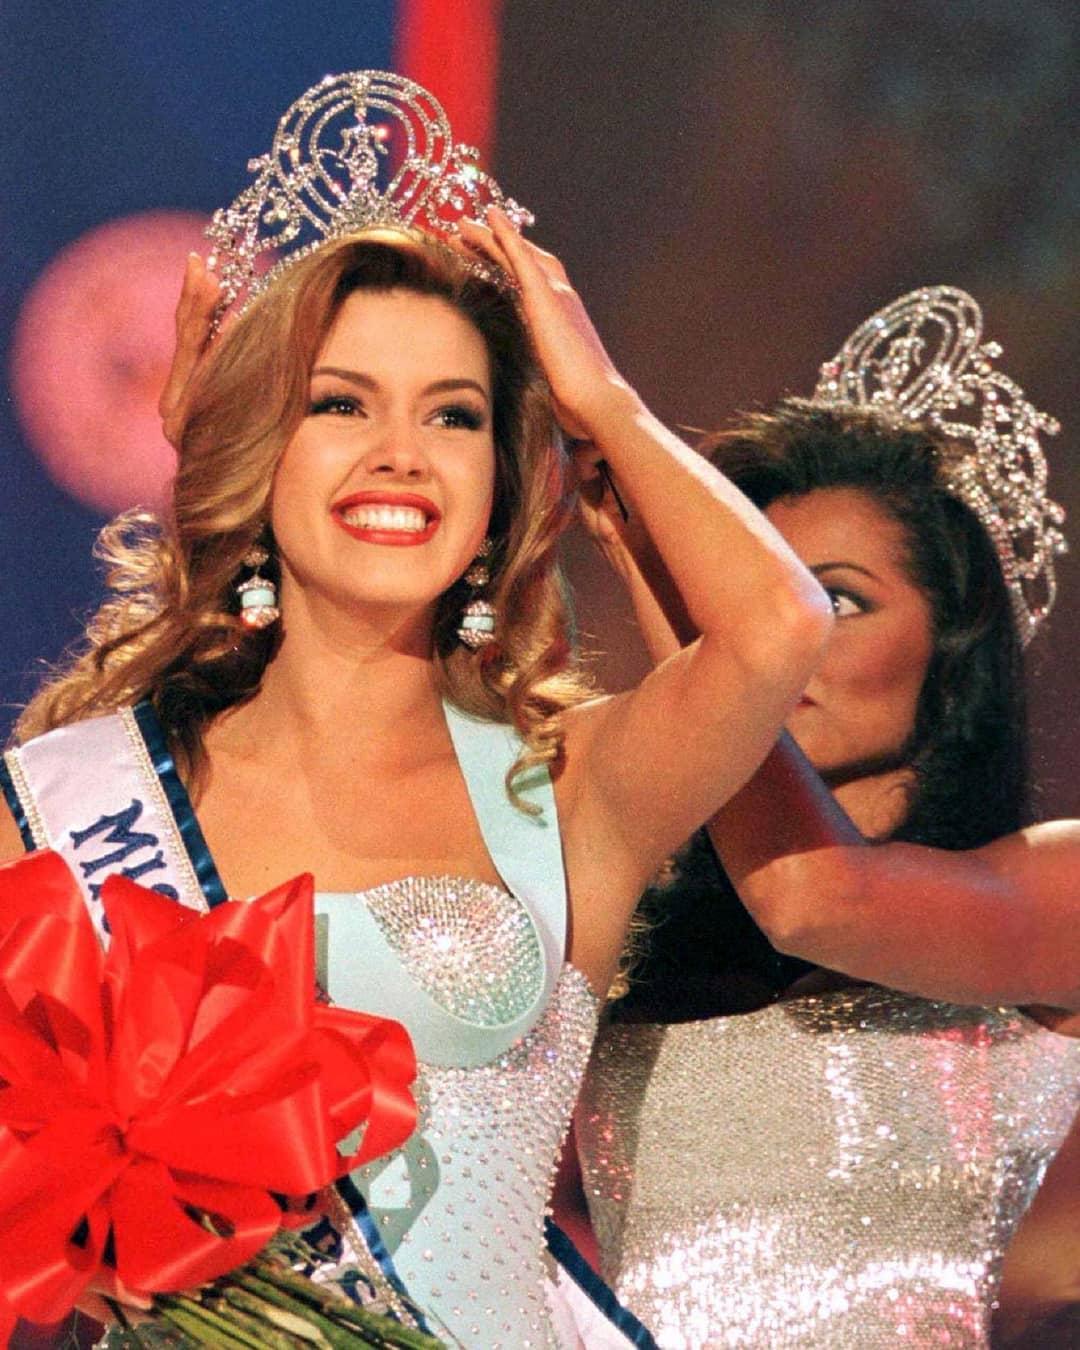 Узнайте, кто стал Мисс Вселенная в год вашего рождения-Фото 19